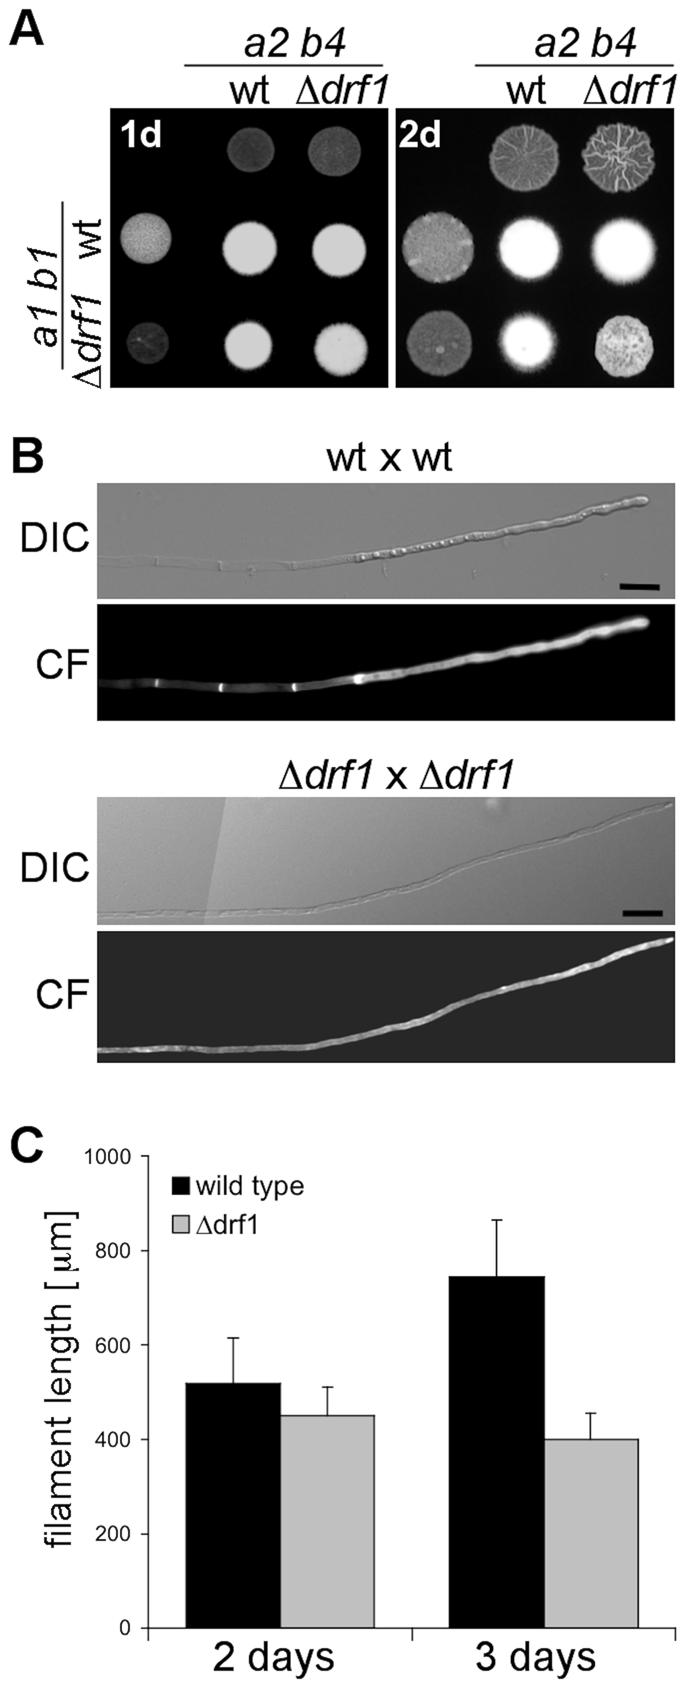 Filaments of <i>drf1</i> mutants do not form retraction septa.